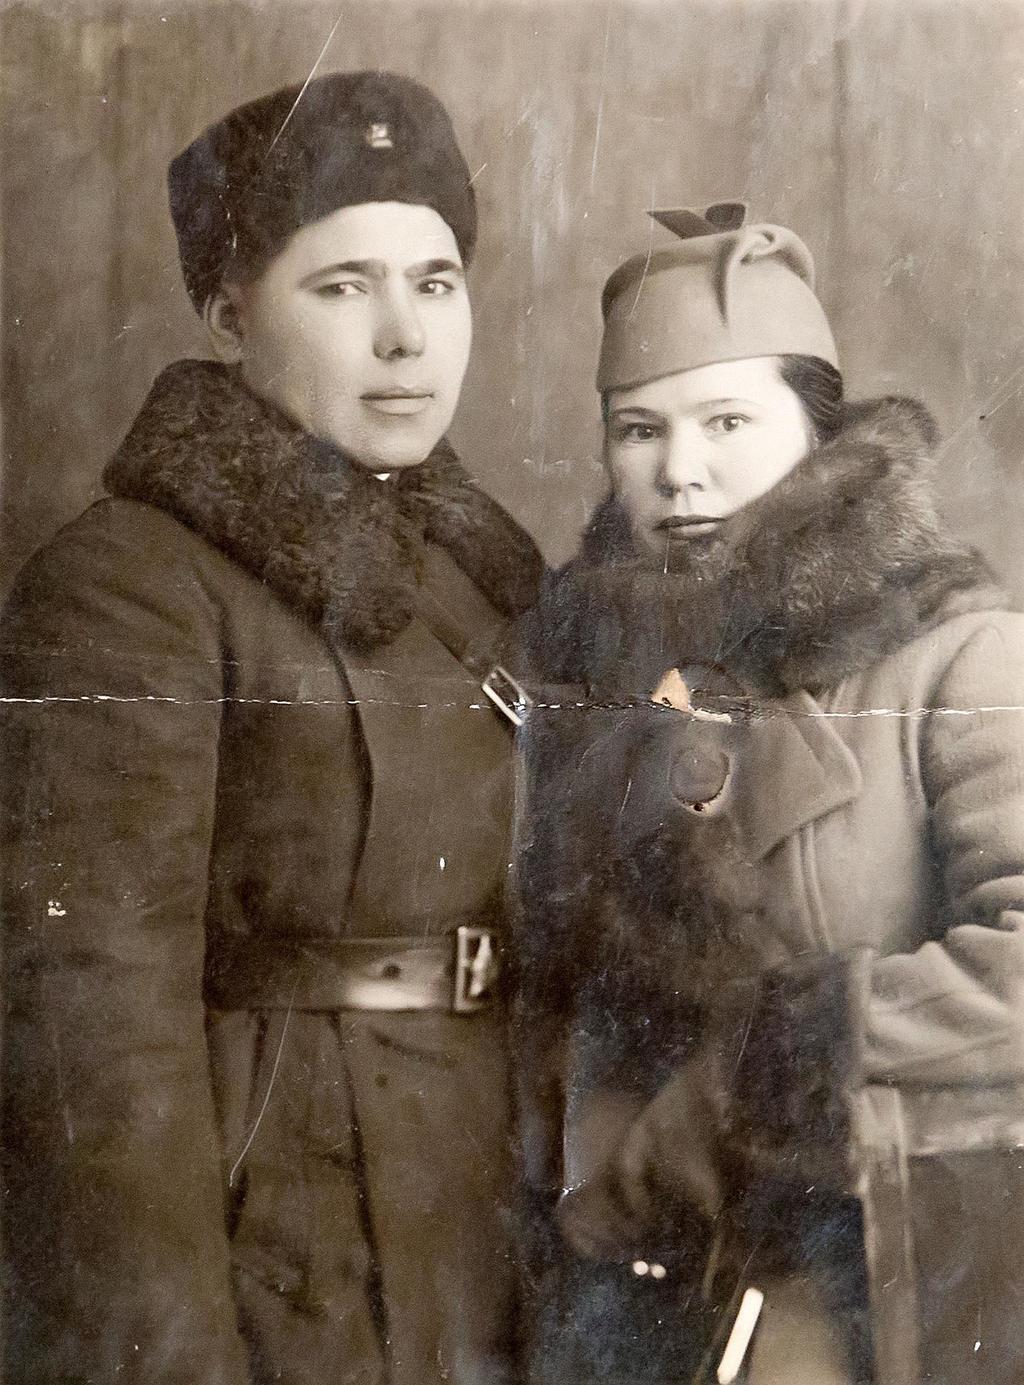 Фото. Б.Юсупов с супругой от 04.02.1940г.   Фотобумага. АКМ. КП - 197/4  размер 11,3*8,4 Акт № 99-103 1995г. ©Tatfrontu.ru Photo Archive